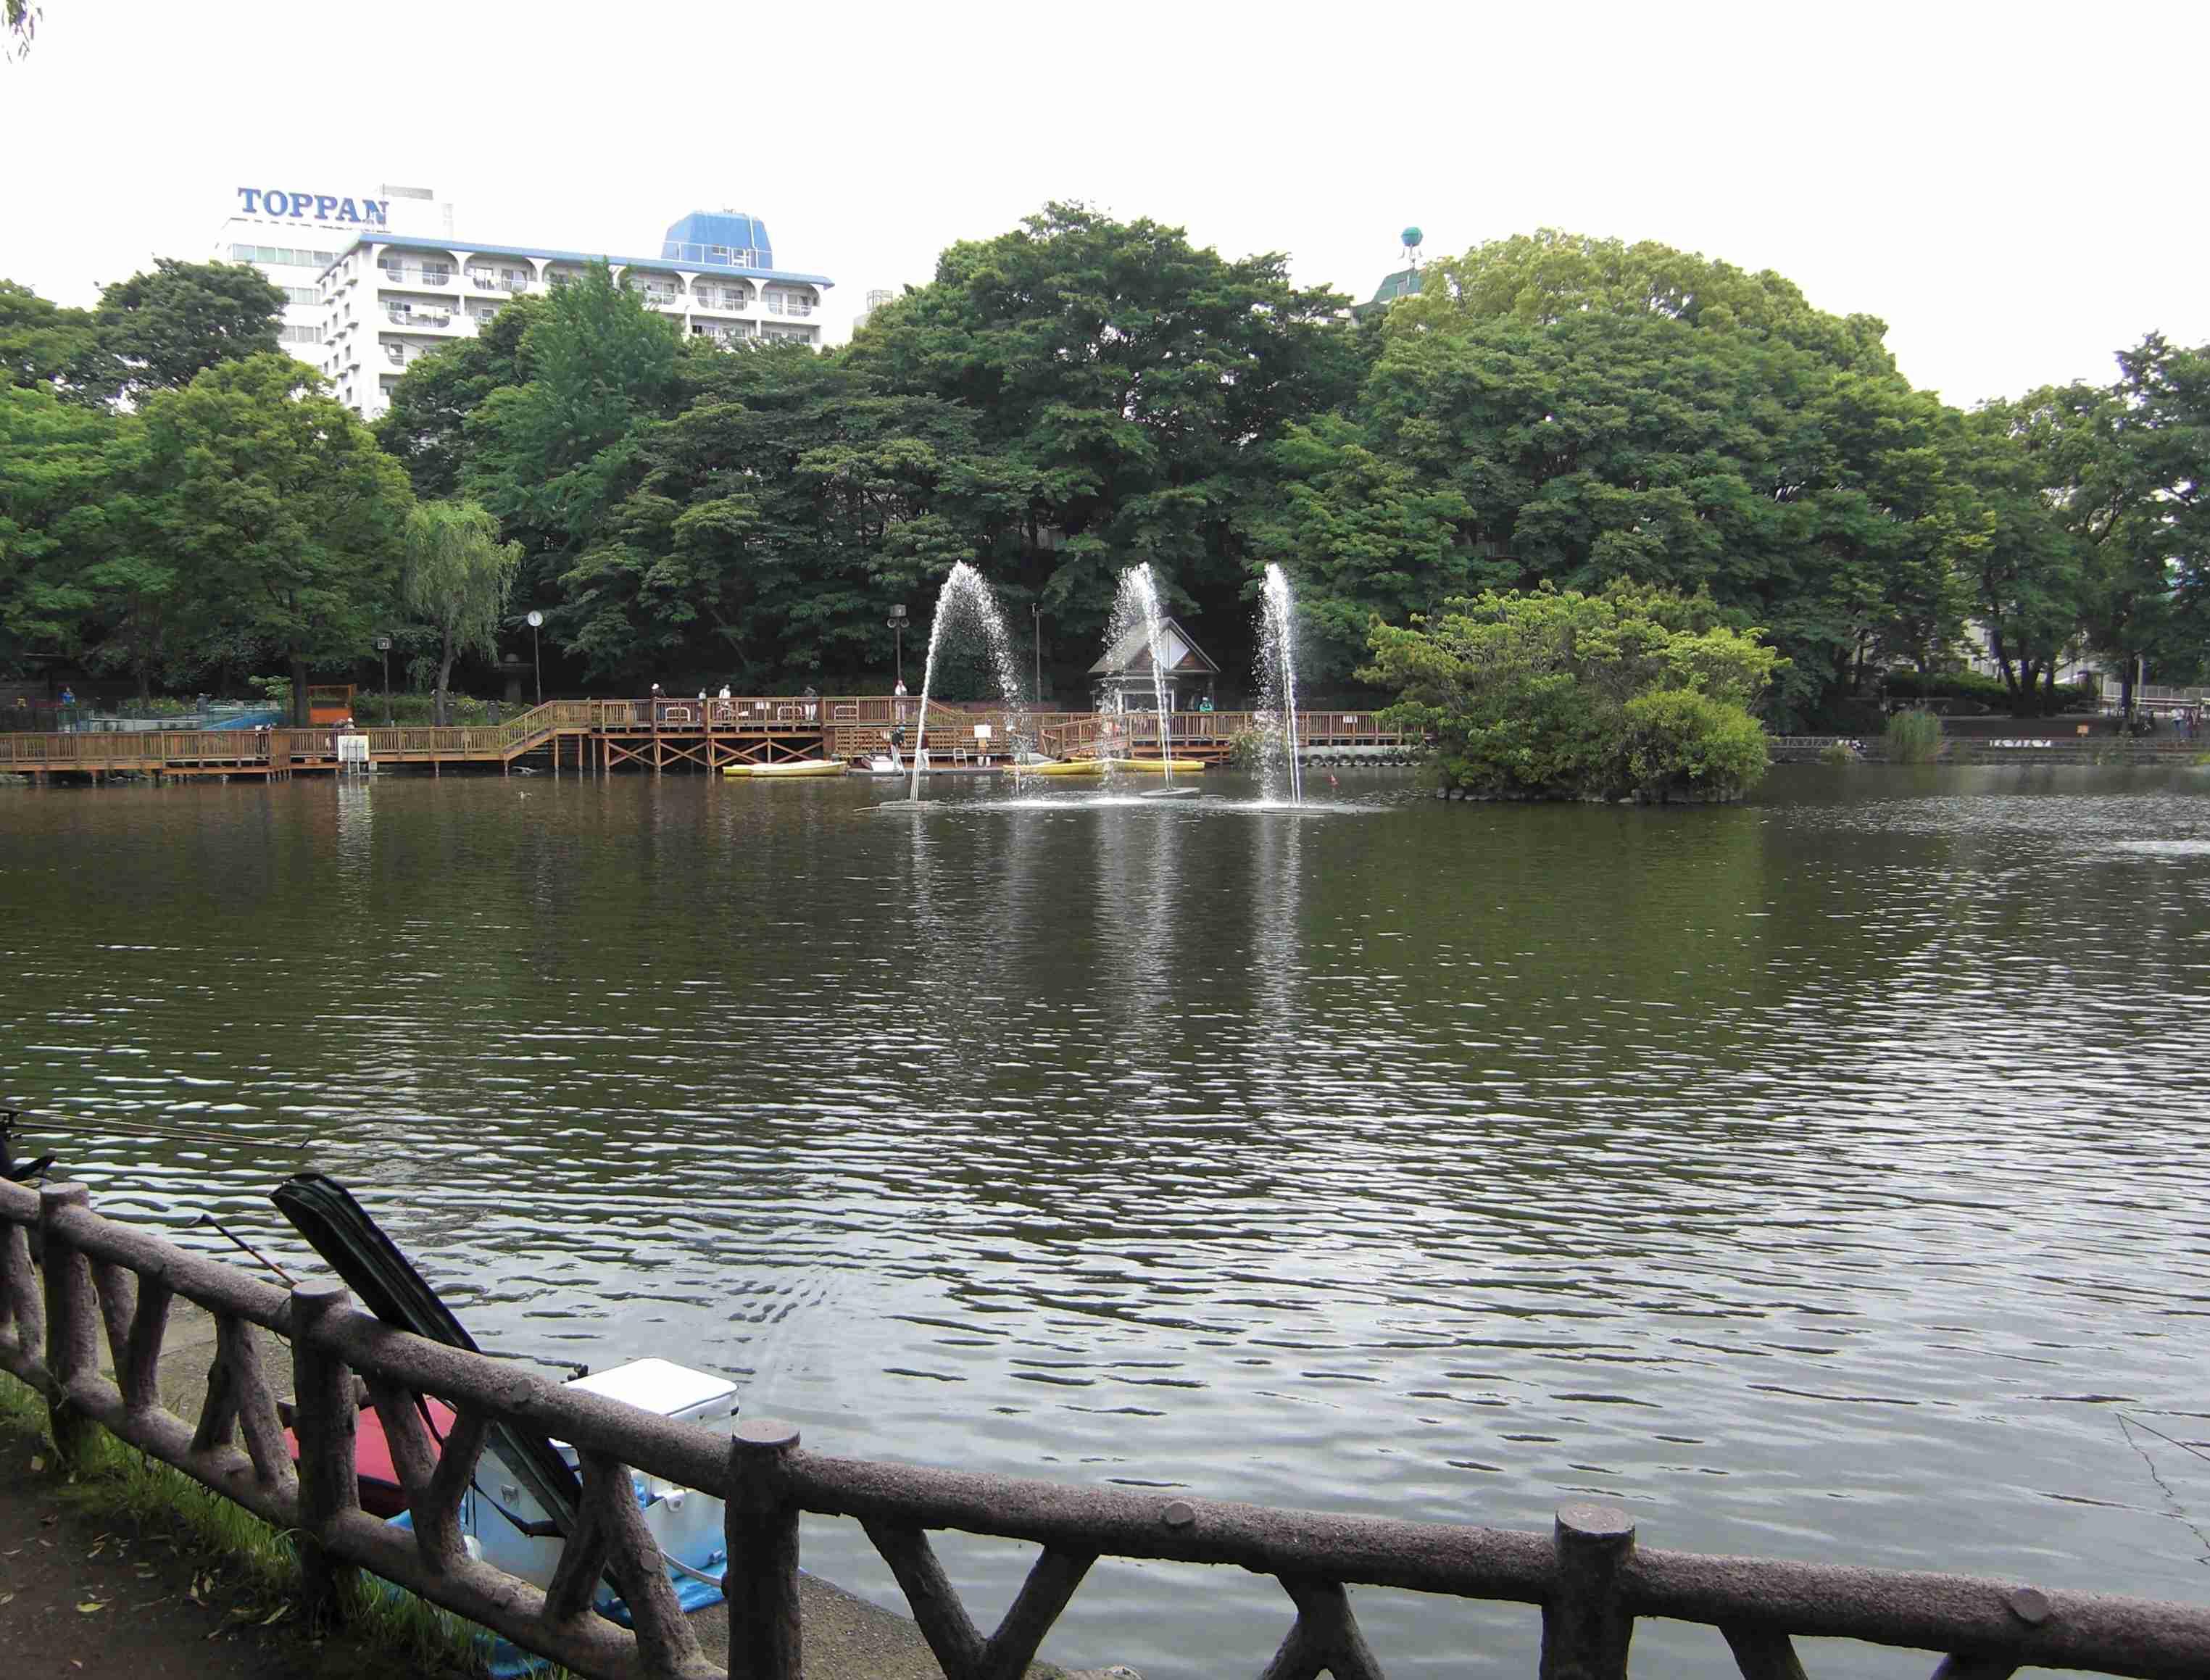 都内の公園・庭園、ここが好き♪ここが落ち着く♪